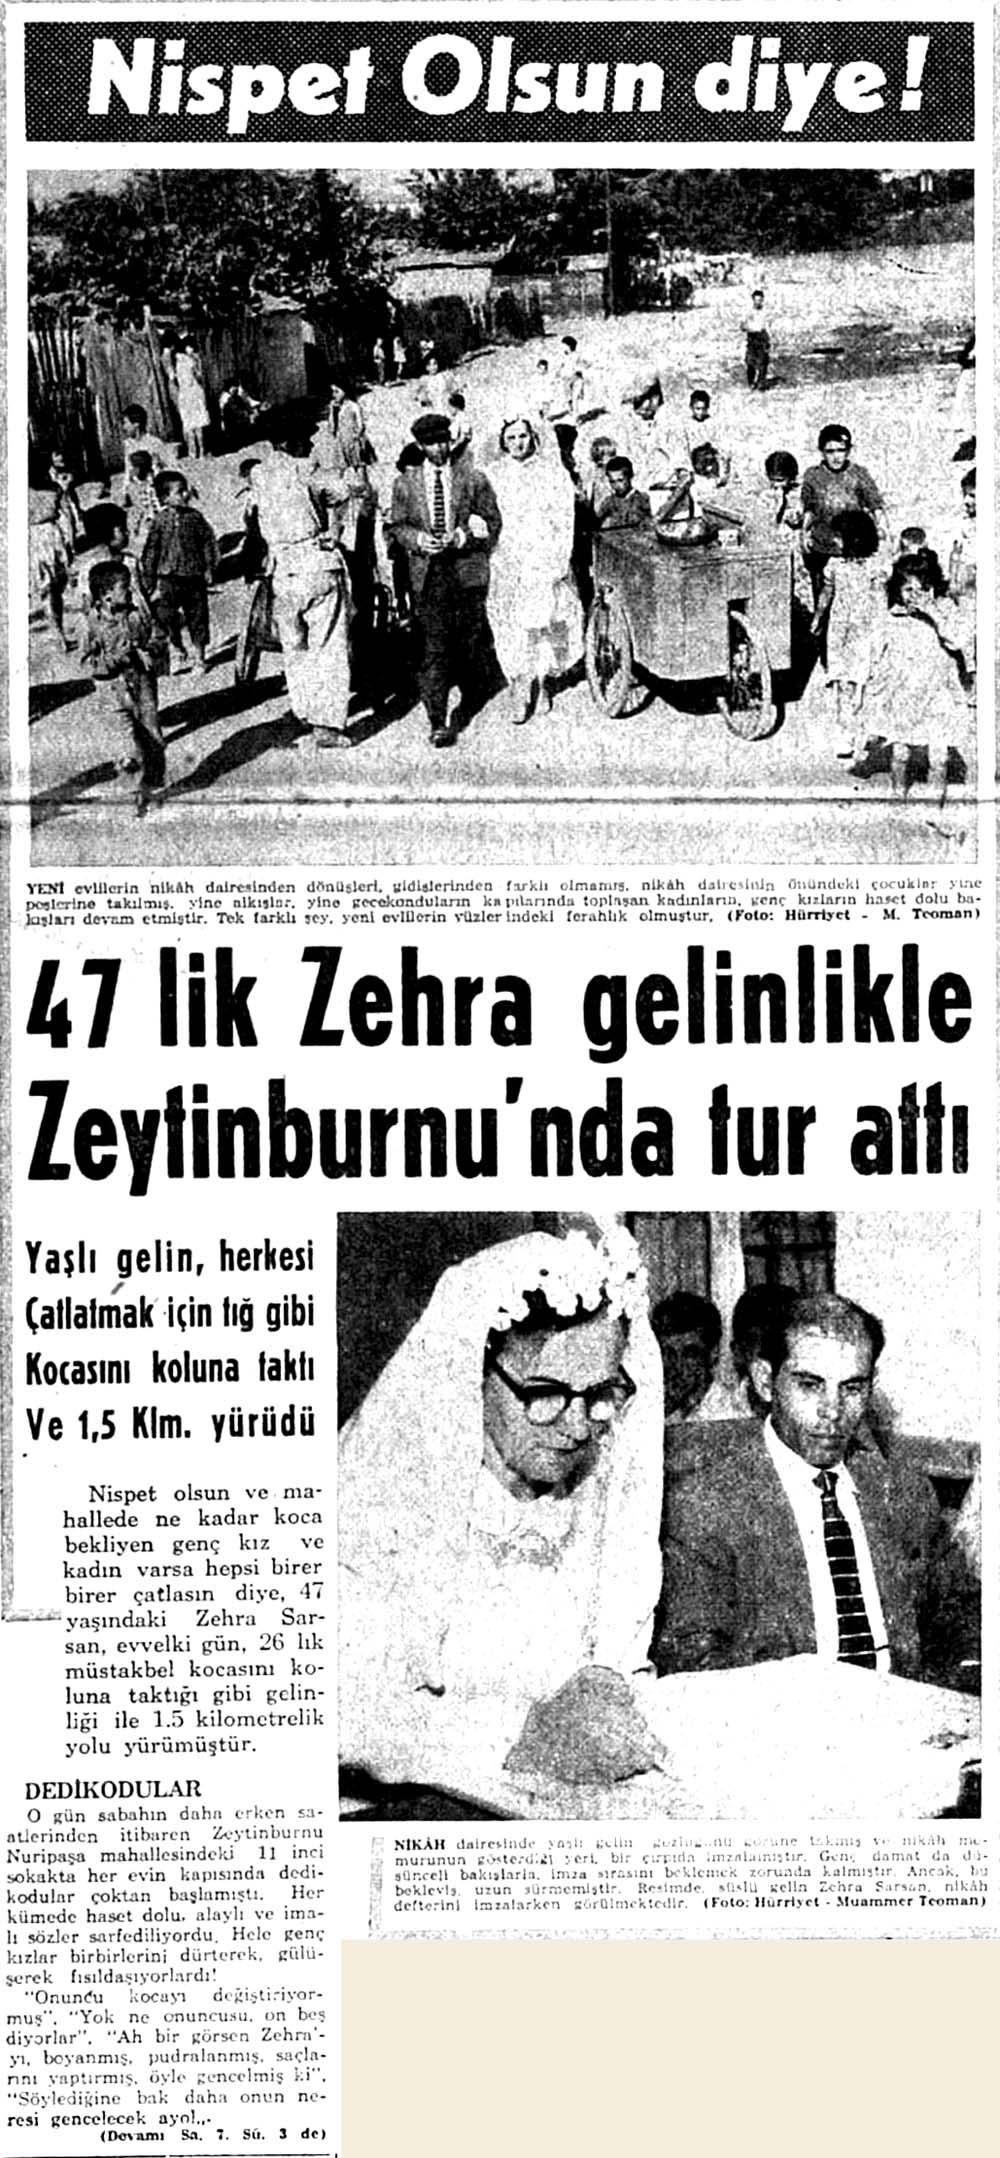 47 lik Zehra gelinlikle Zeytinburnu'nda tur attı